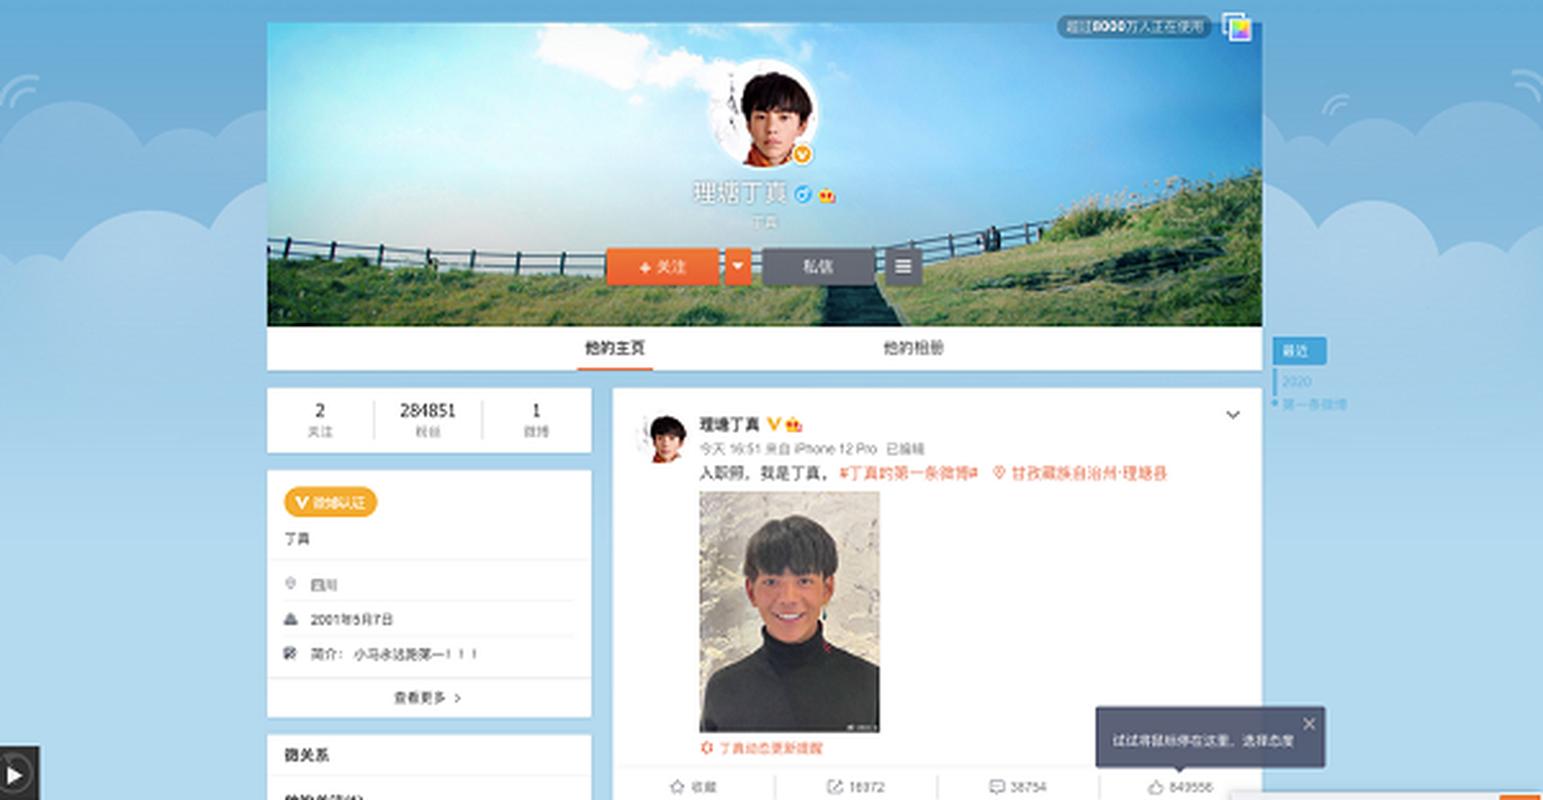 Hotboy 10x Tay Tang bi fan phat hien xai iPhone 12 de dang anh-Hinh-4